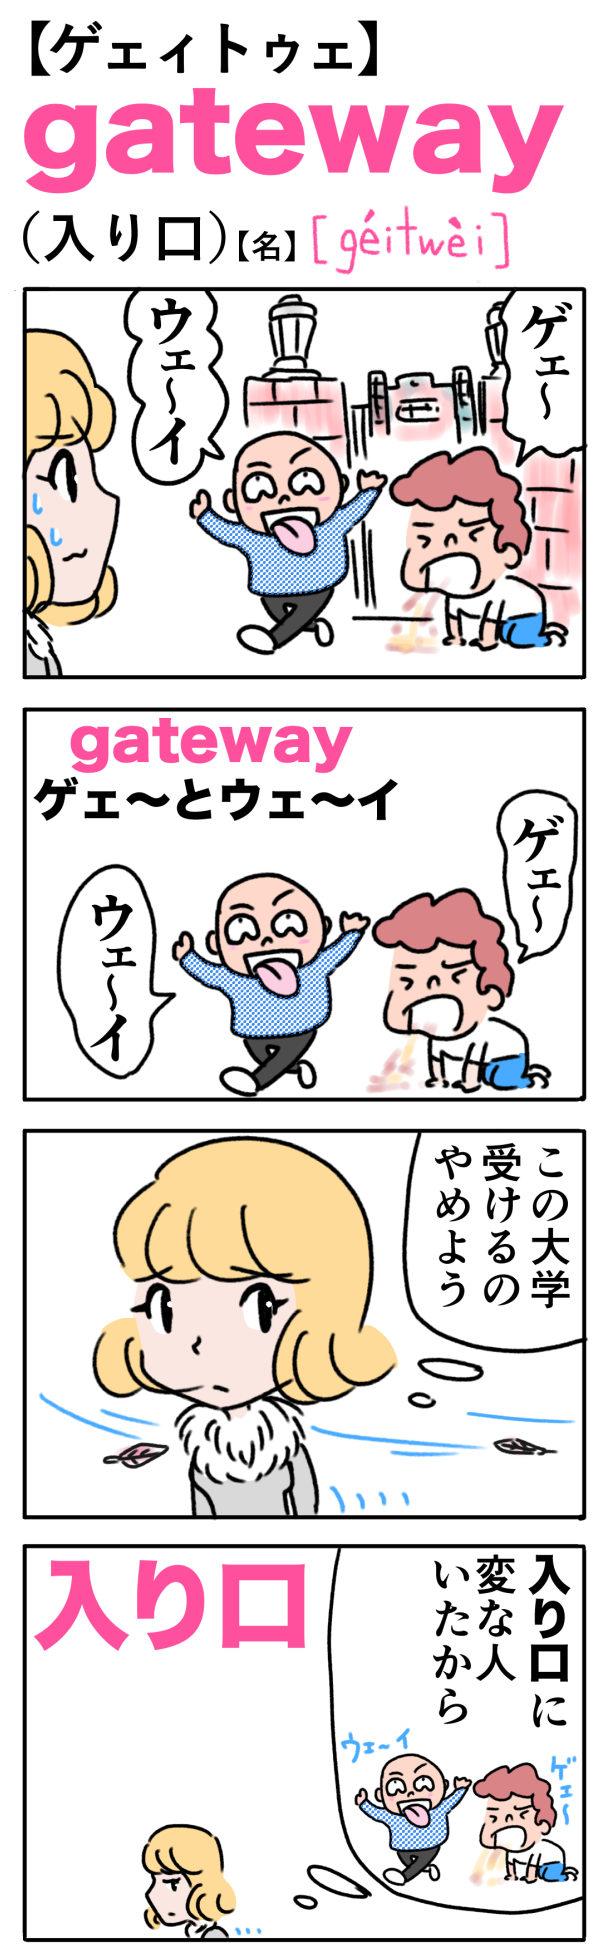 gateway(入り口)の語呂合わせ英単語